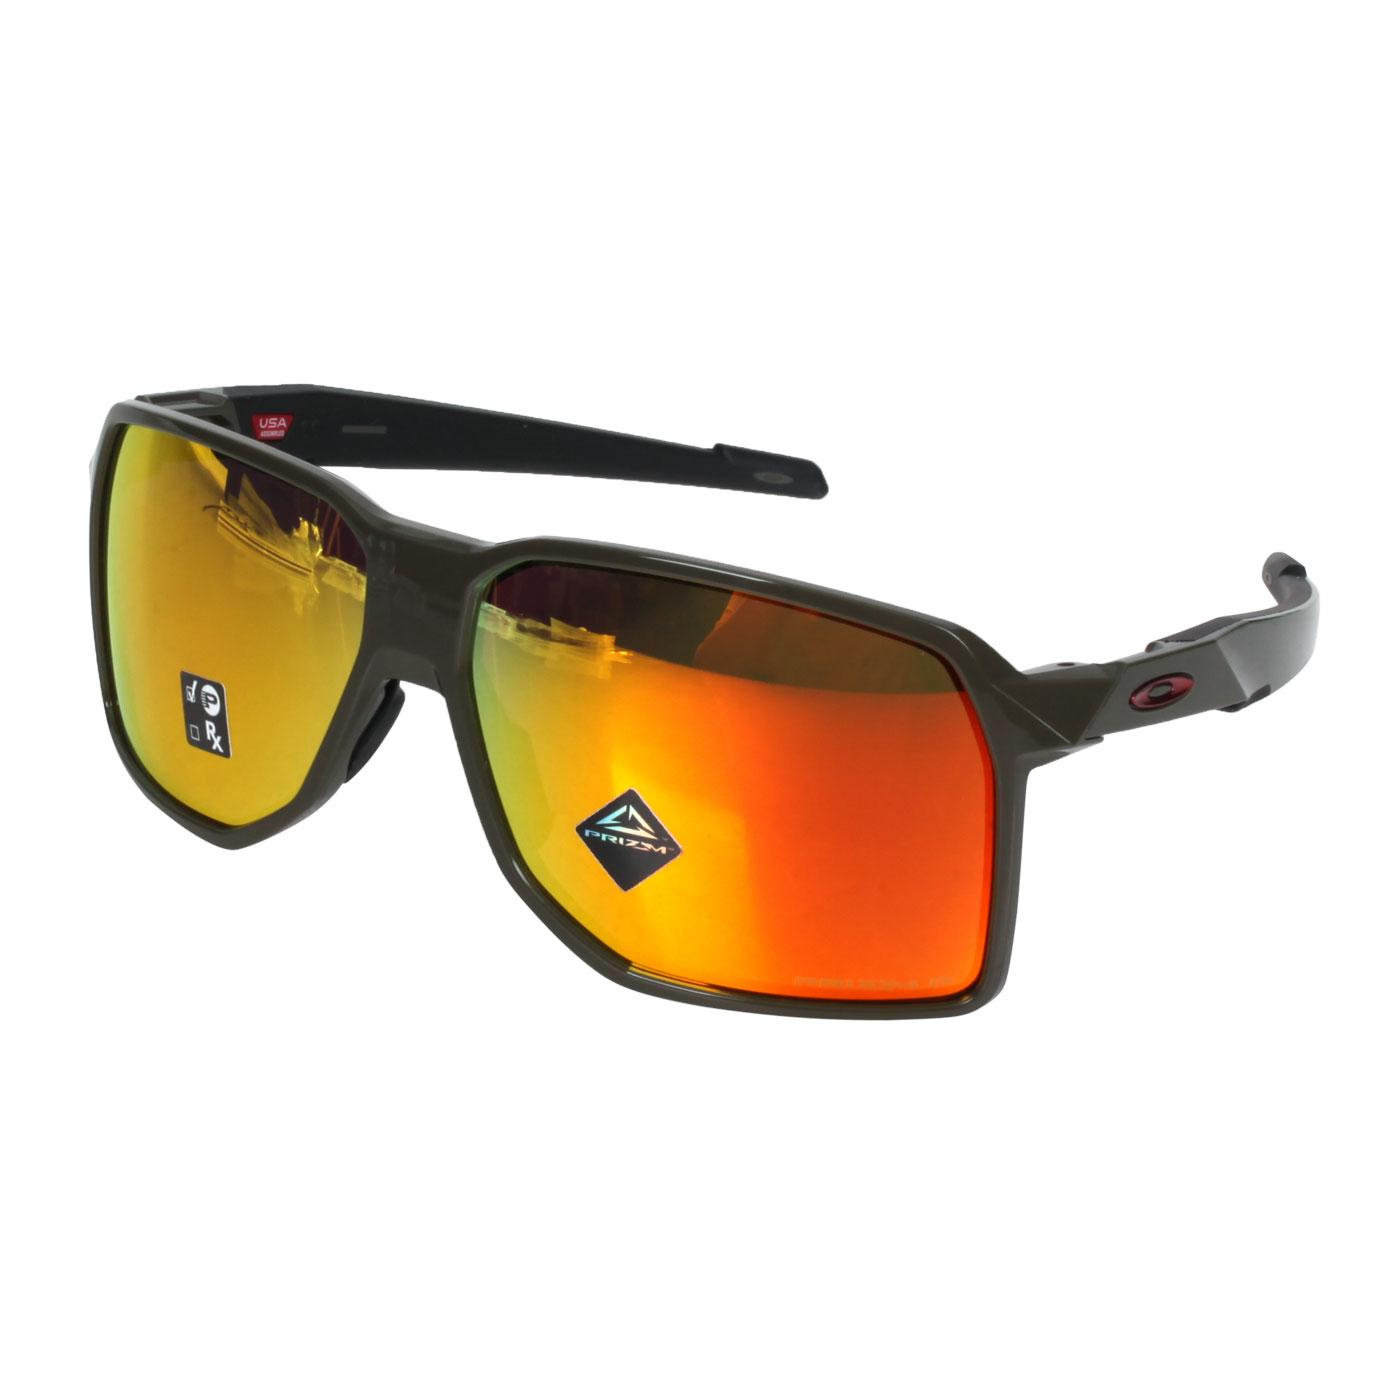 OAKLEY PORTAL 偏光太陽眼鏡(附鼻墊) OAK-OO9446-0362